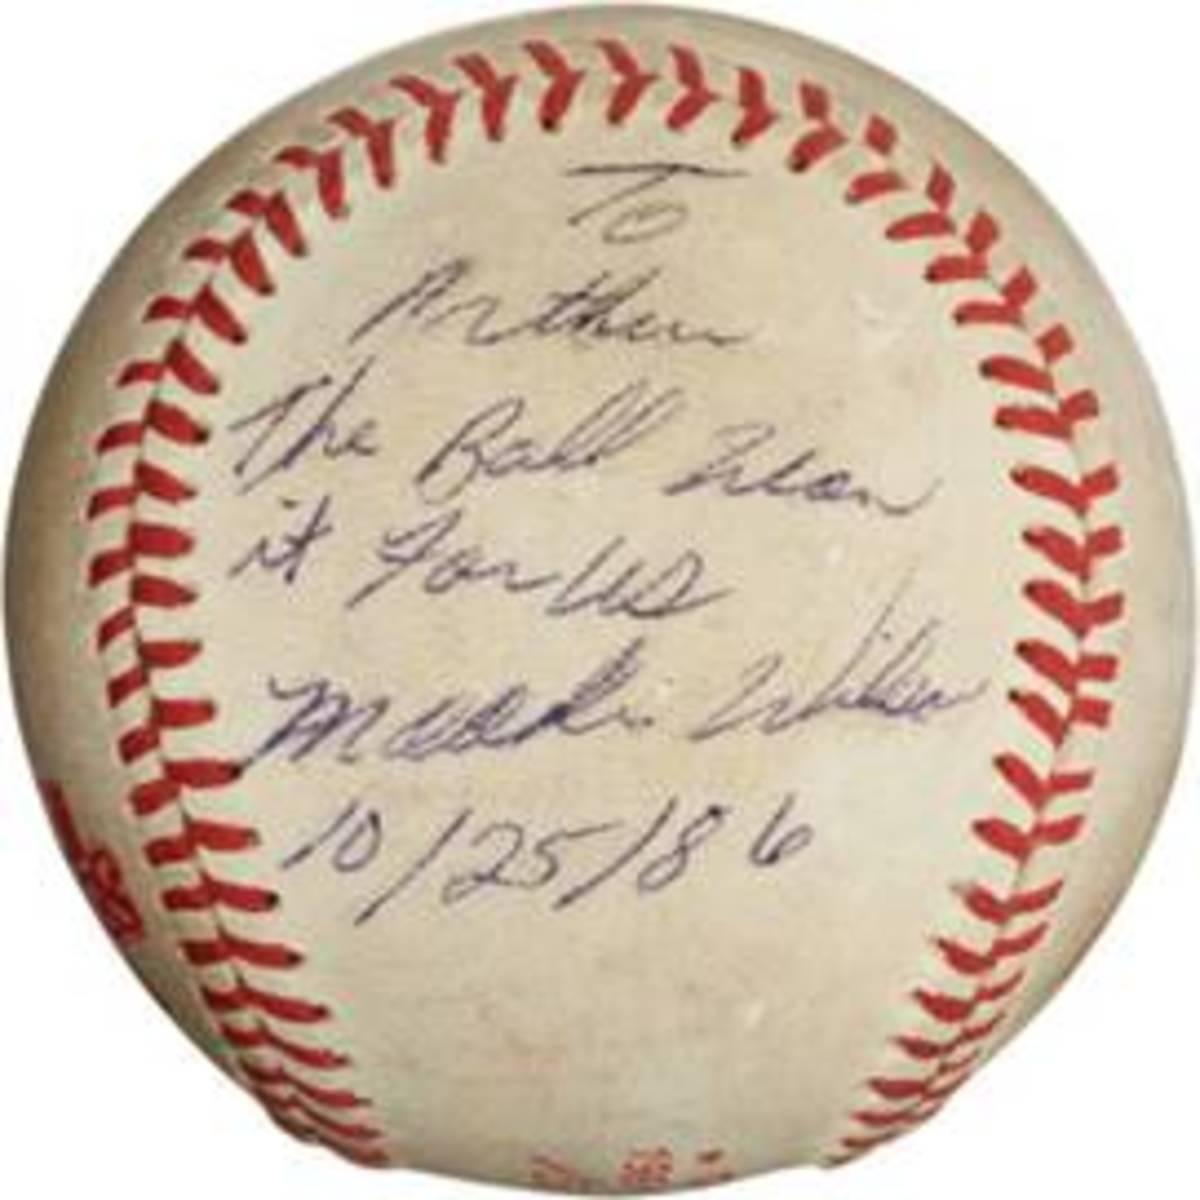 bucknerball$418K